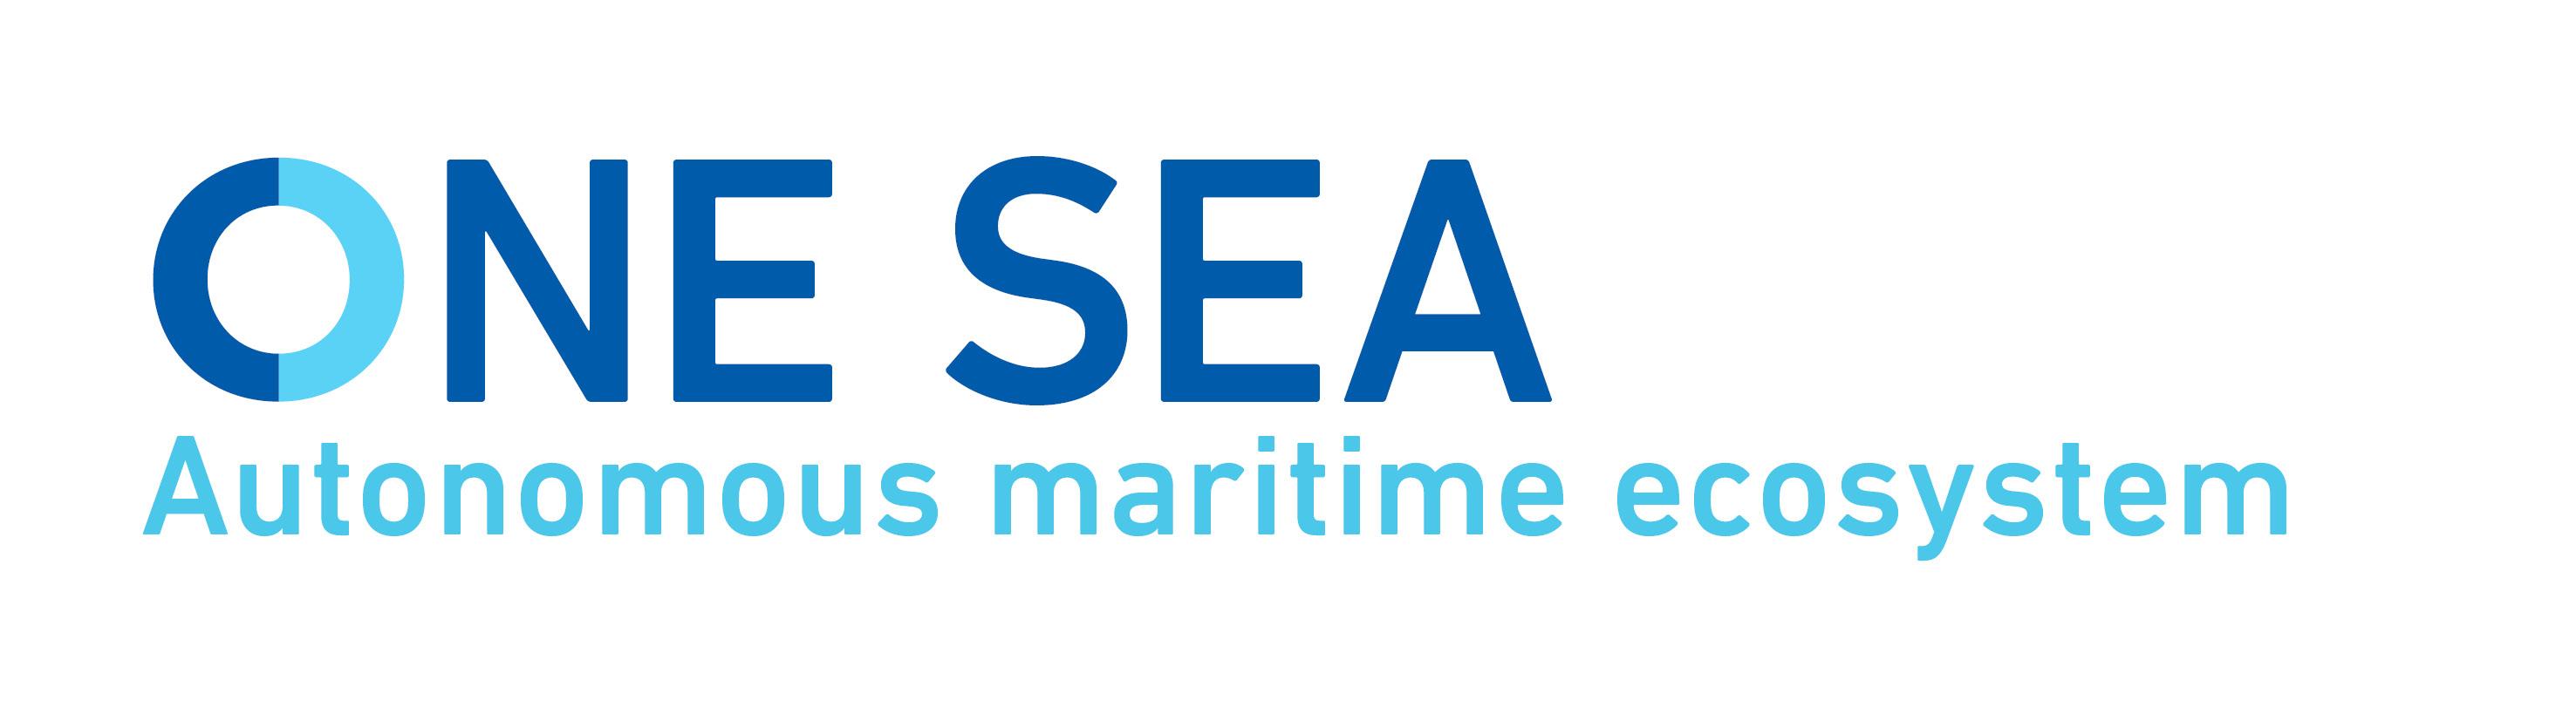 One Sea Ecosystem